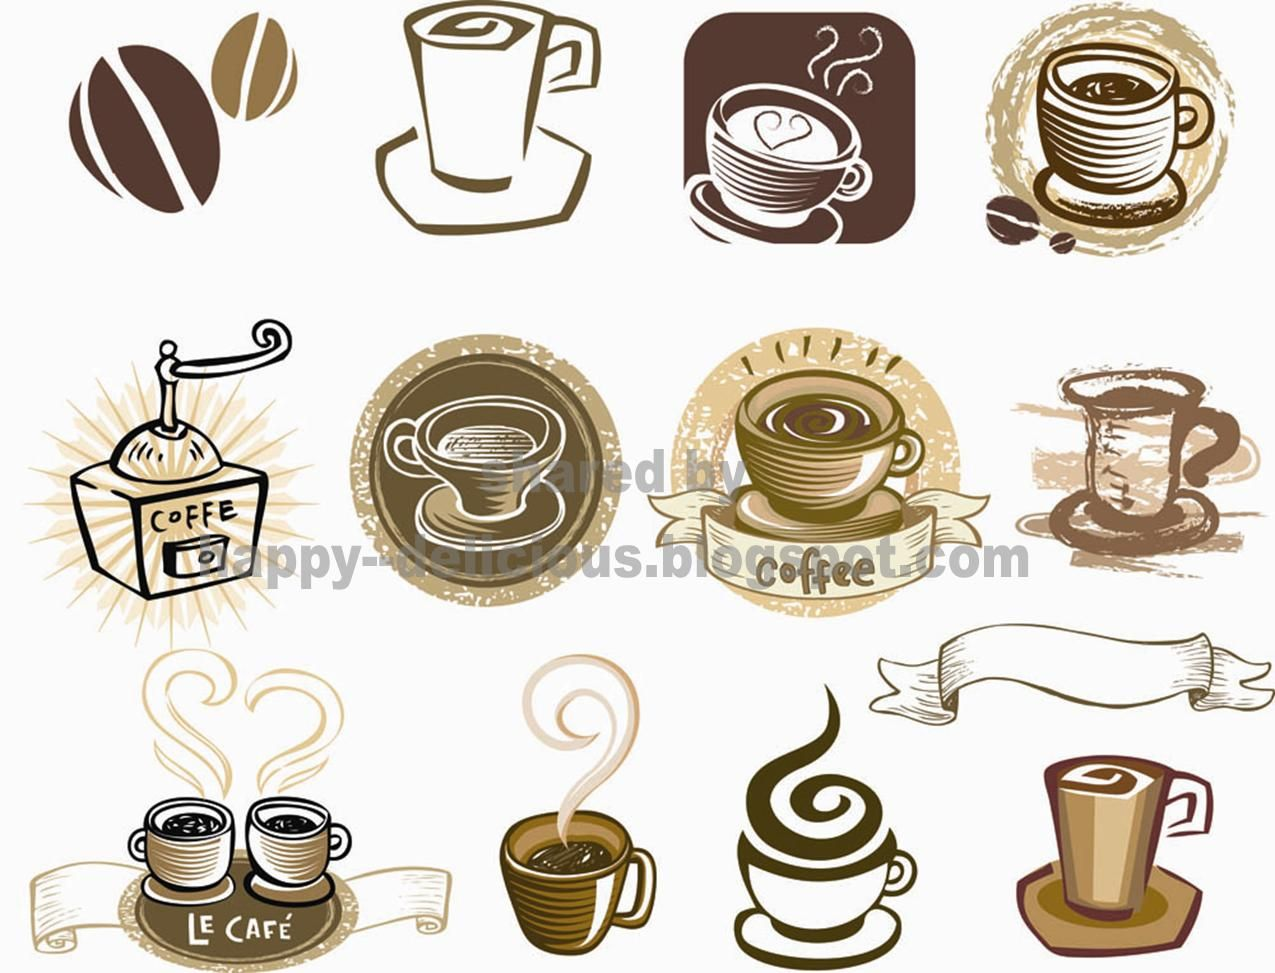 Coffee Bean Clip Art cafe, coffee, cappuccino, espresso